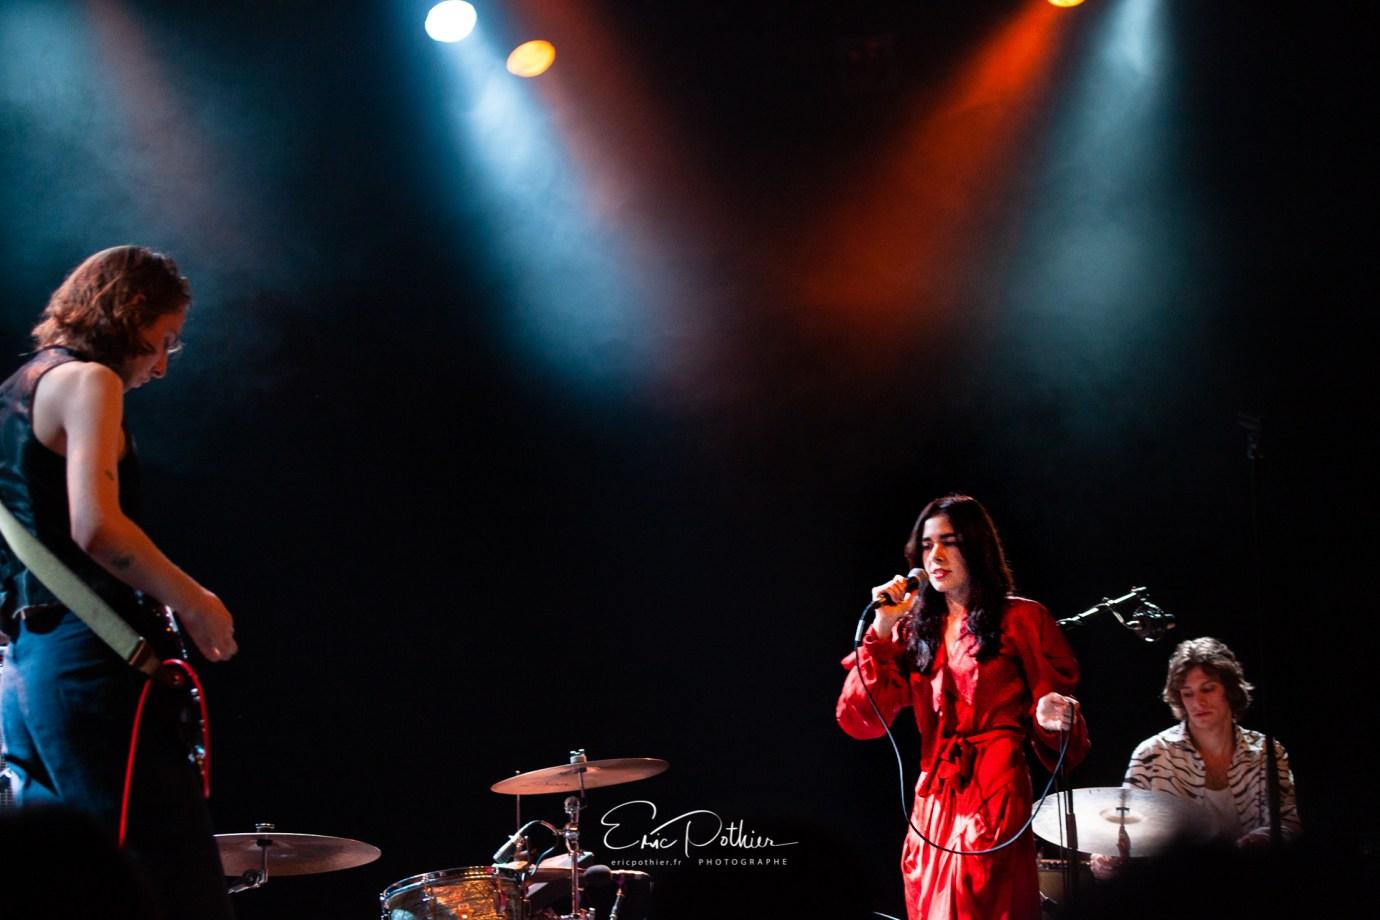 Concert Pond 1 31 10 2019 3 - La transe de Pond à L'Elysée Montmartre